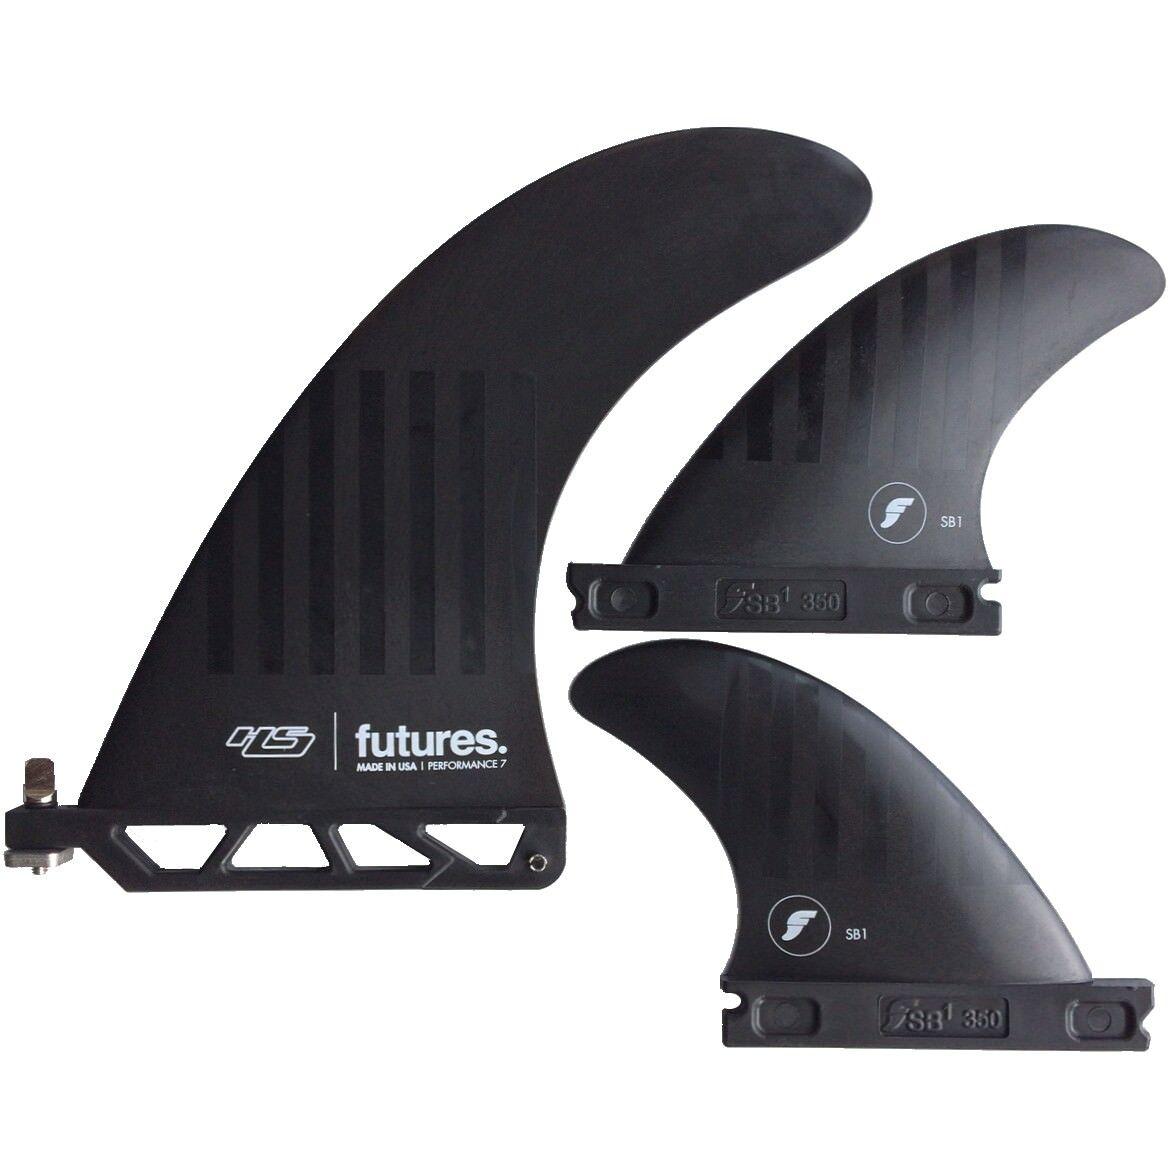 Futures fins Alpha Hs 2 Plus 1 Tavola da Surf Pinna Set Nuovo 17.8cm Hayden